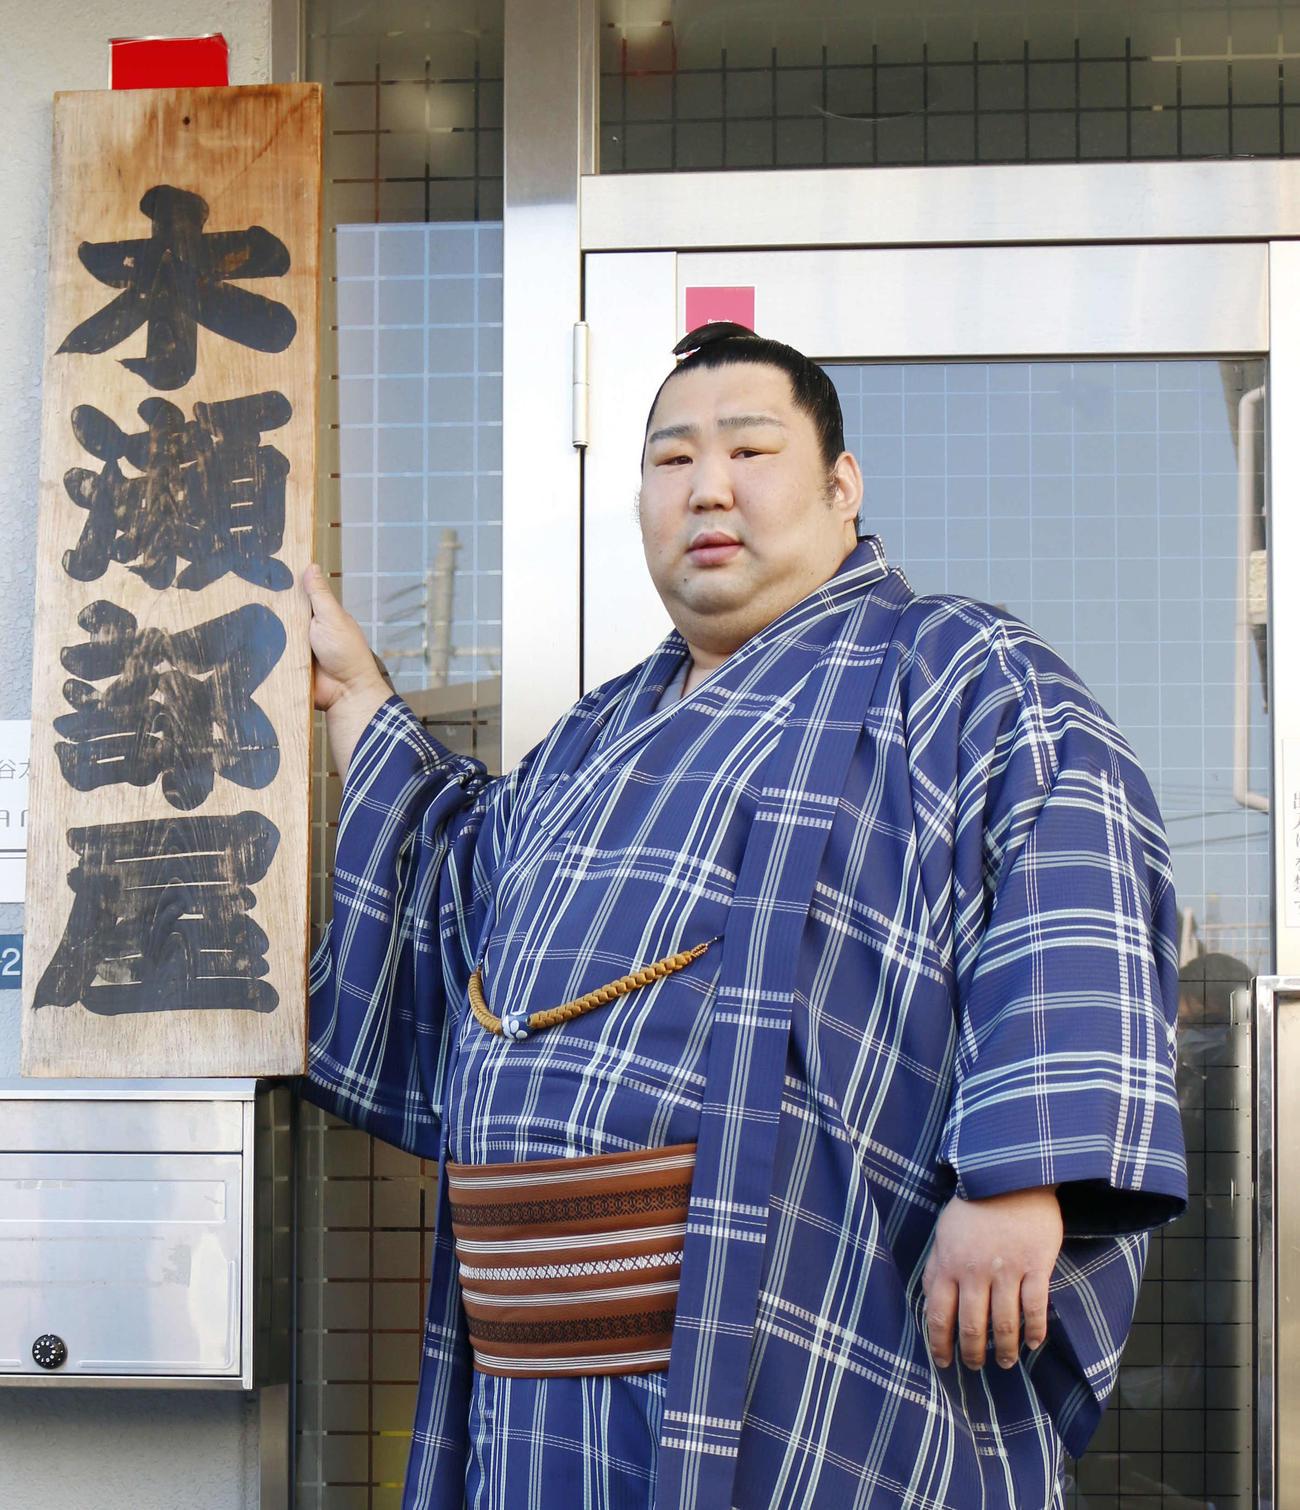 春場所の新番付が発表され、大阪の宿舎で部屋の看板を手に持つ徳勝龍(撮影・佐藤礼征)